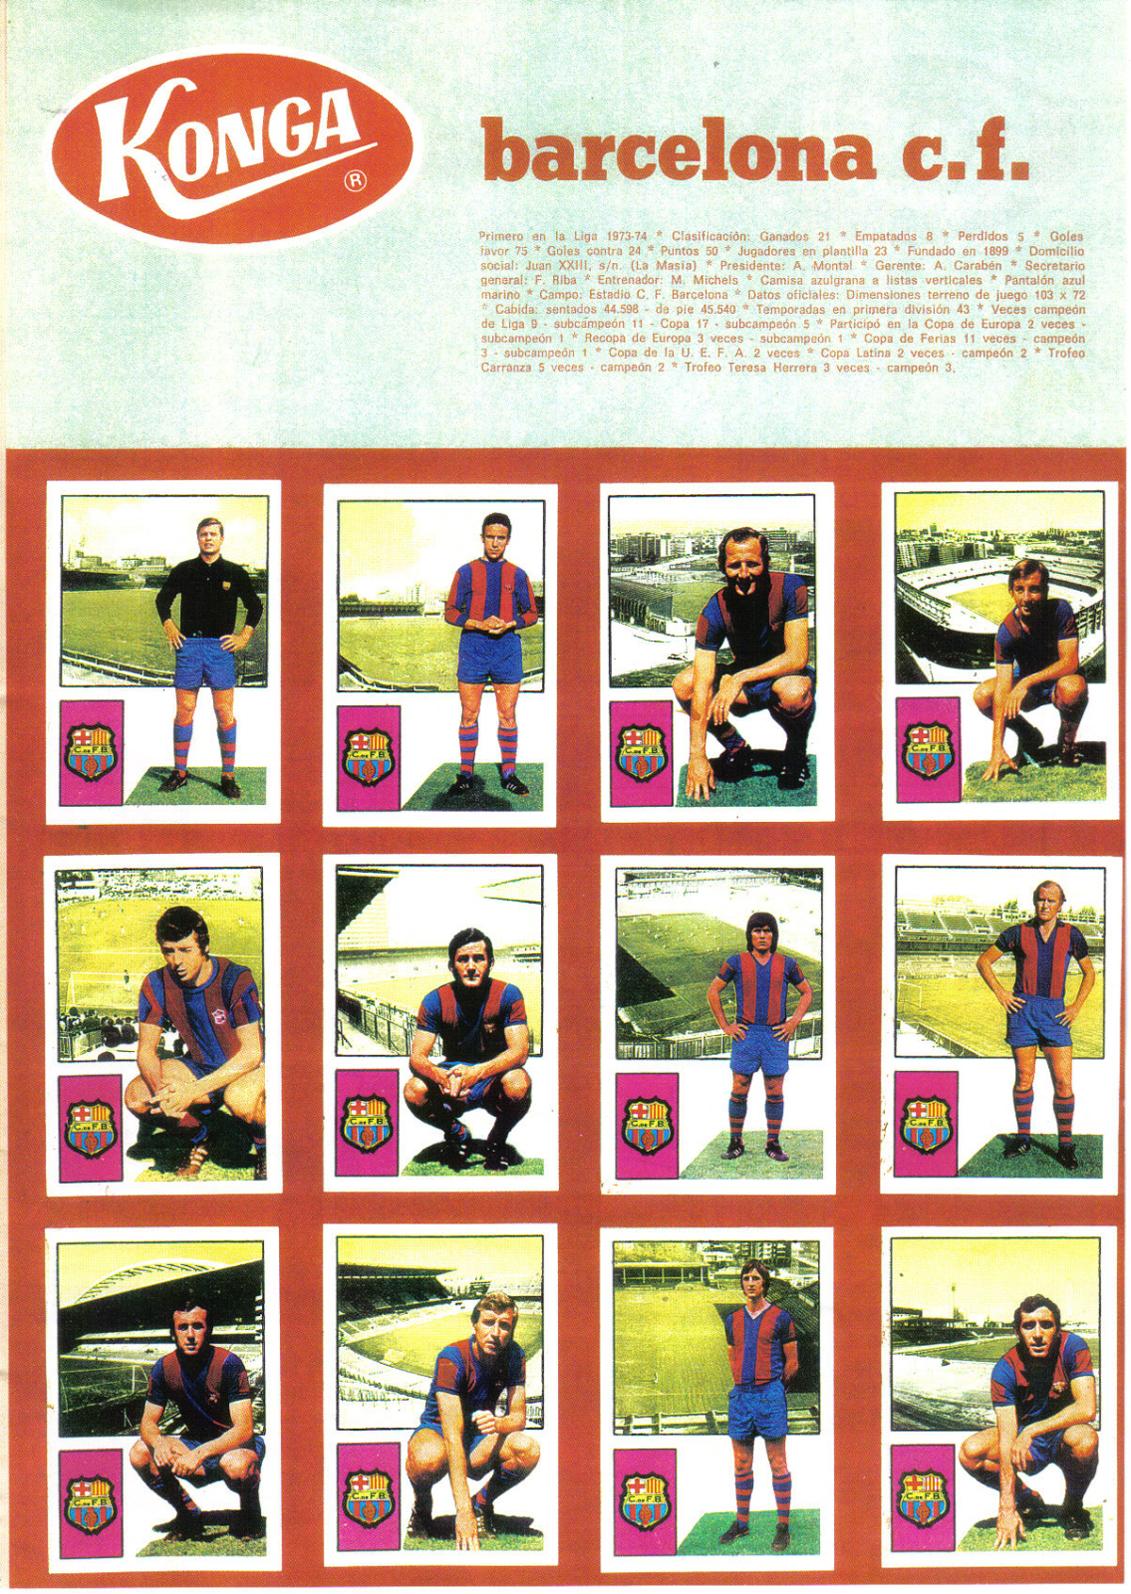 http://2.bp.blogspot.com/-XktfpyVBiuk/T6ZDSdID3cI/AAAAAAAAL9M/8wnB3hIHZC0/s1600/BARCELONA+CF+1974-75+-+cromos+-+Konga.jpg